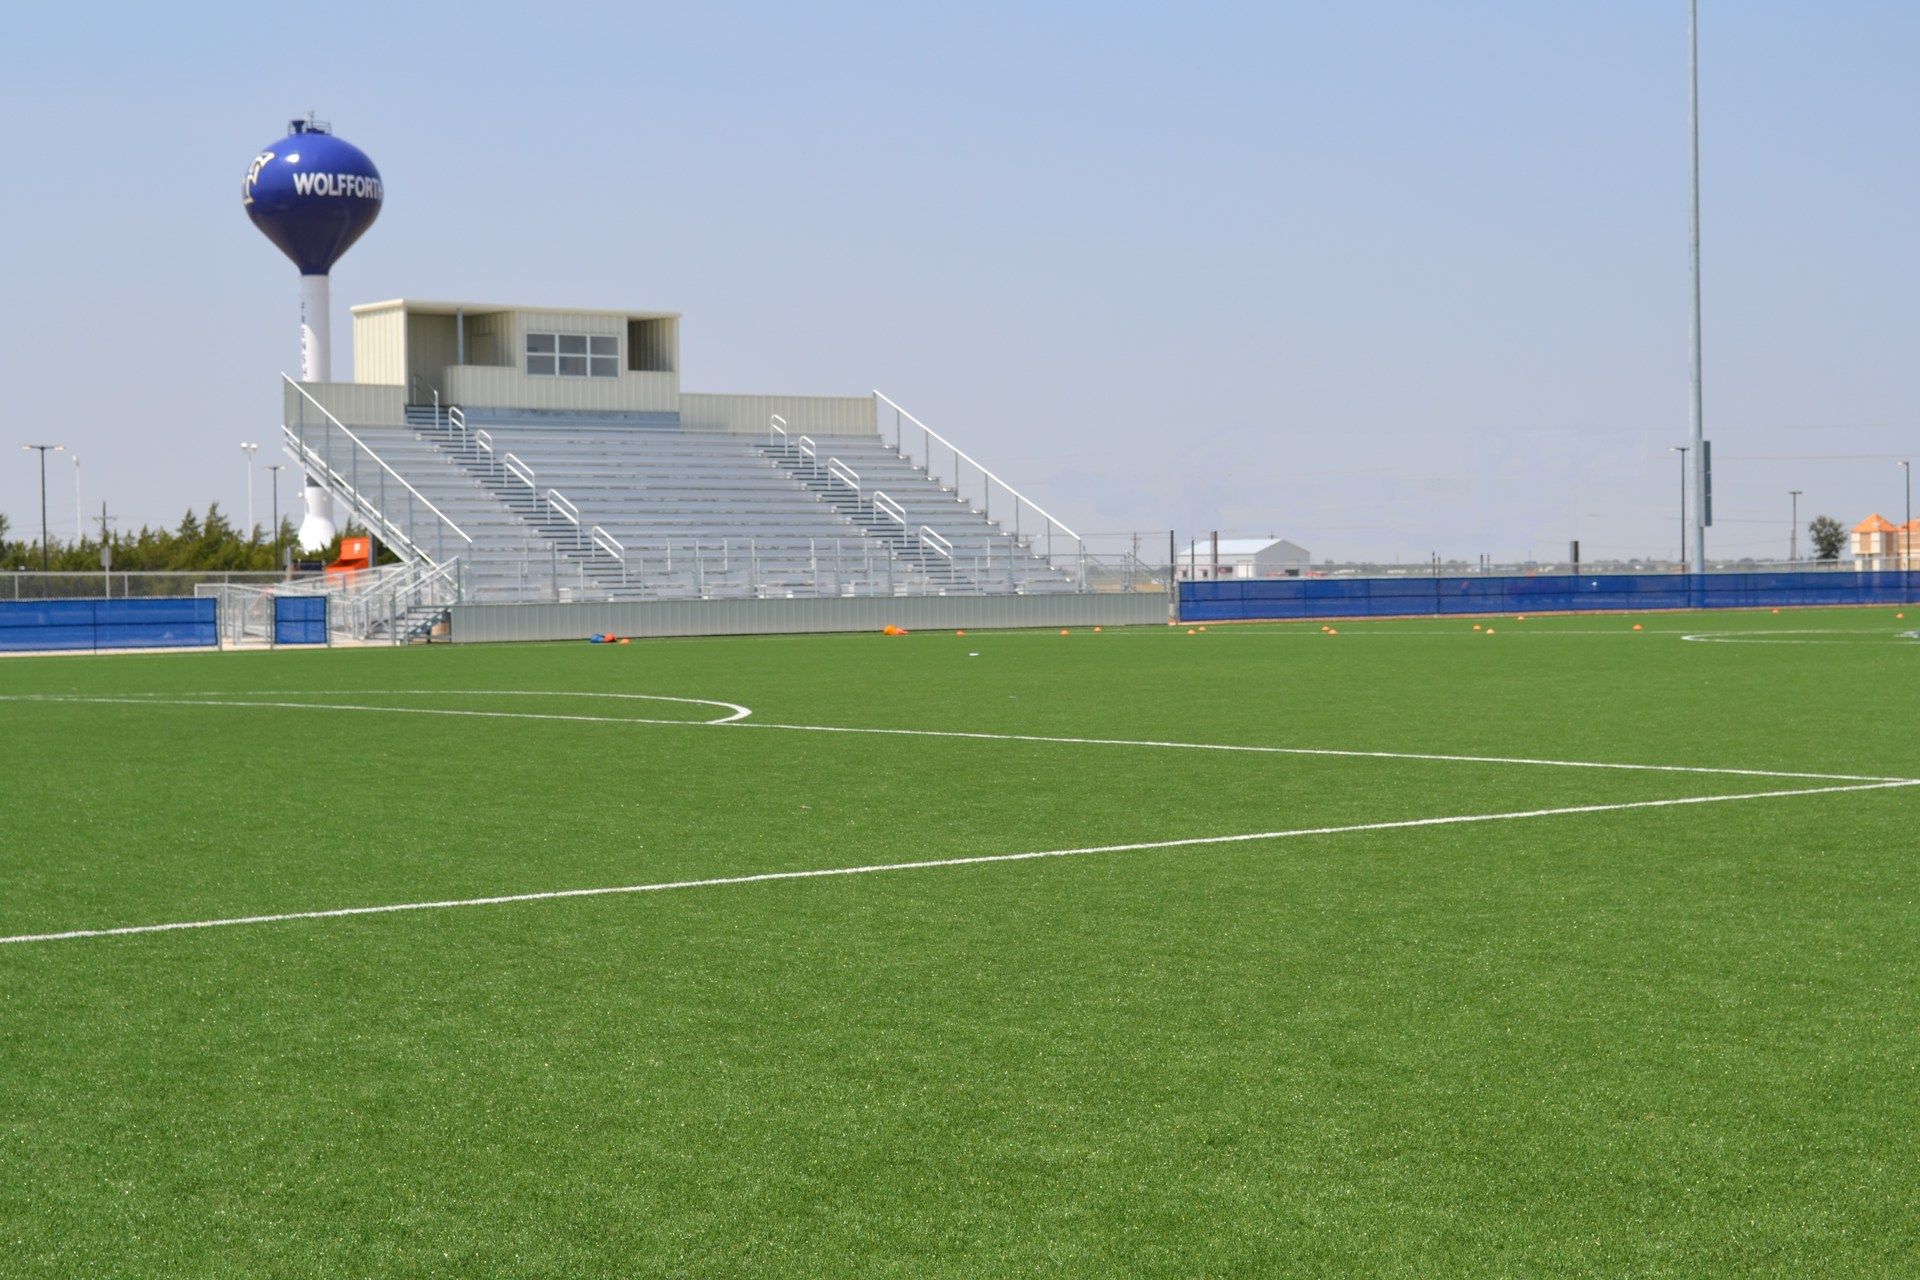 Tiger Soccer Stadium